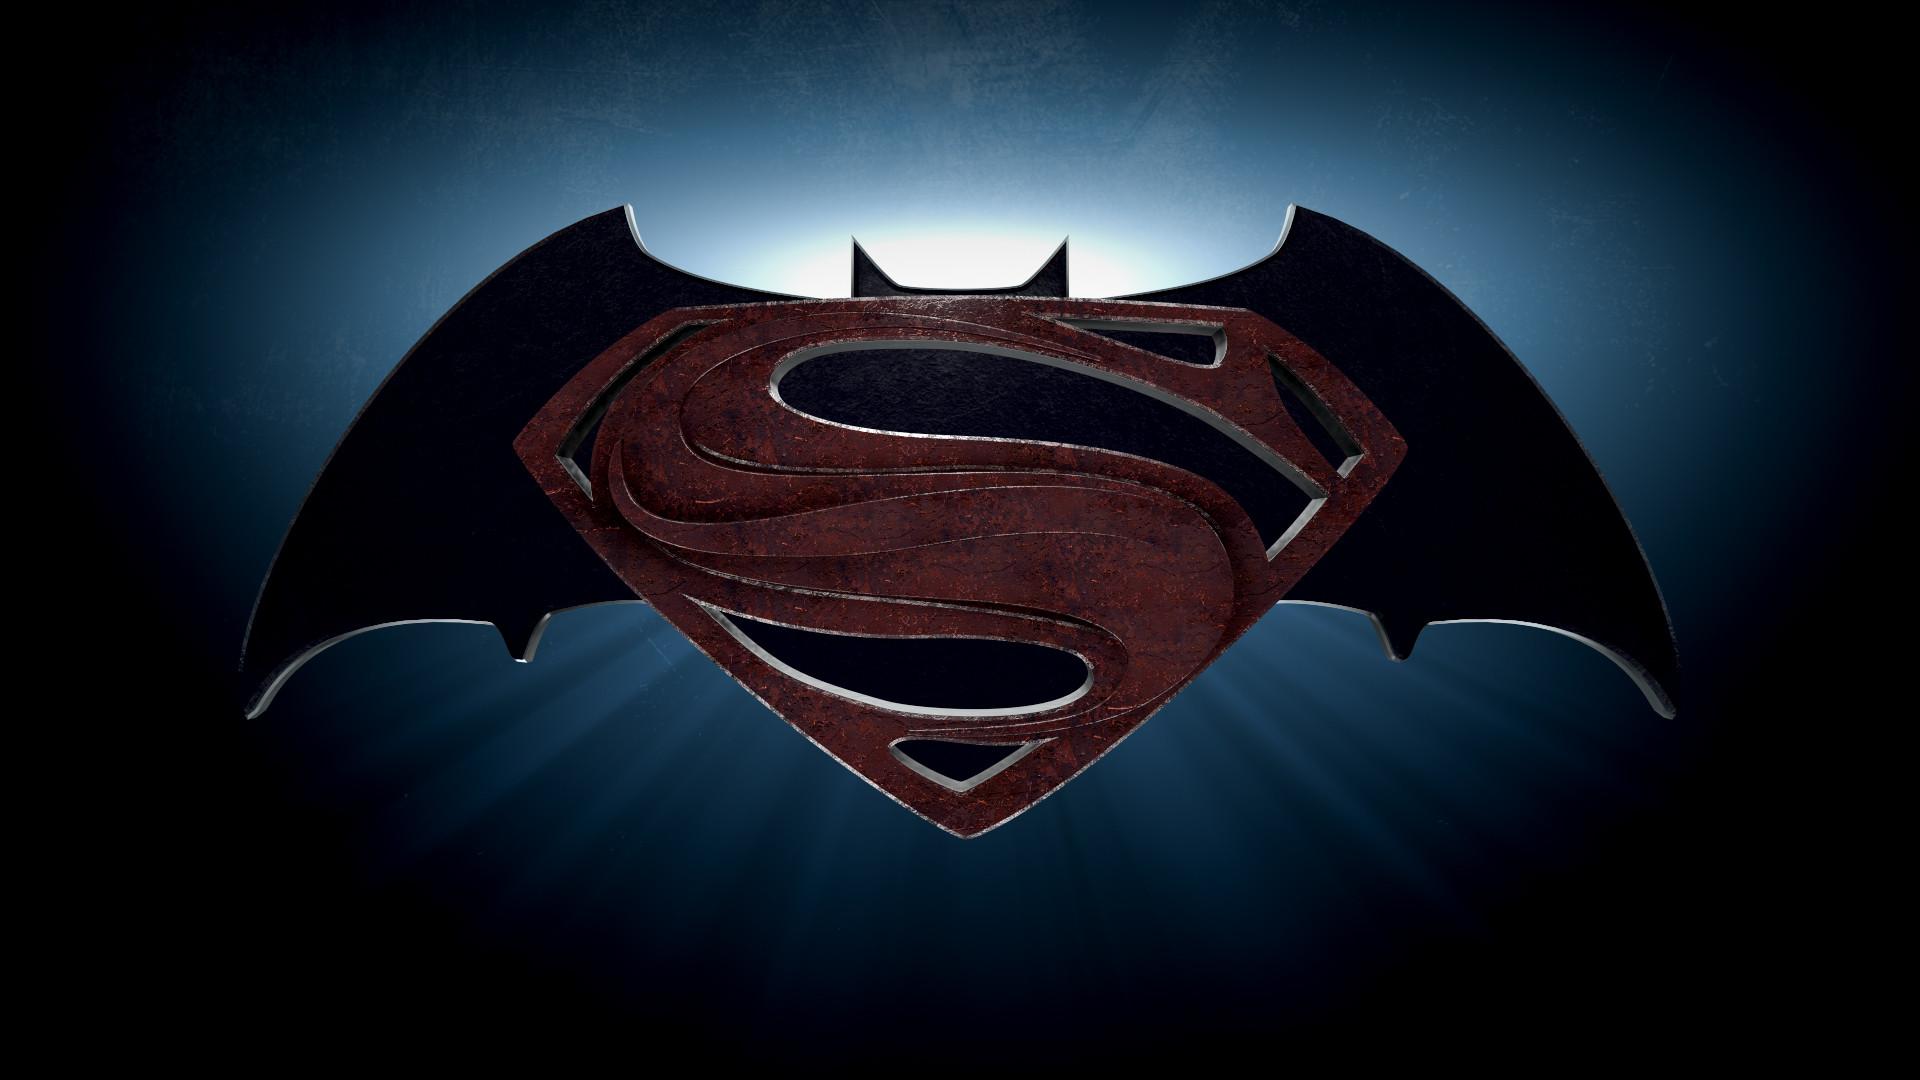 Iphone 5 Wallpaper Superman Batman V Superman El Amanecer De La Justicia Fondo De